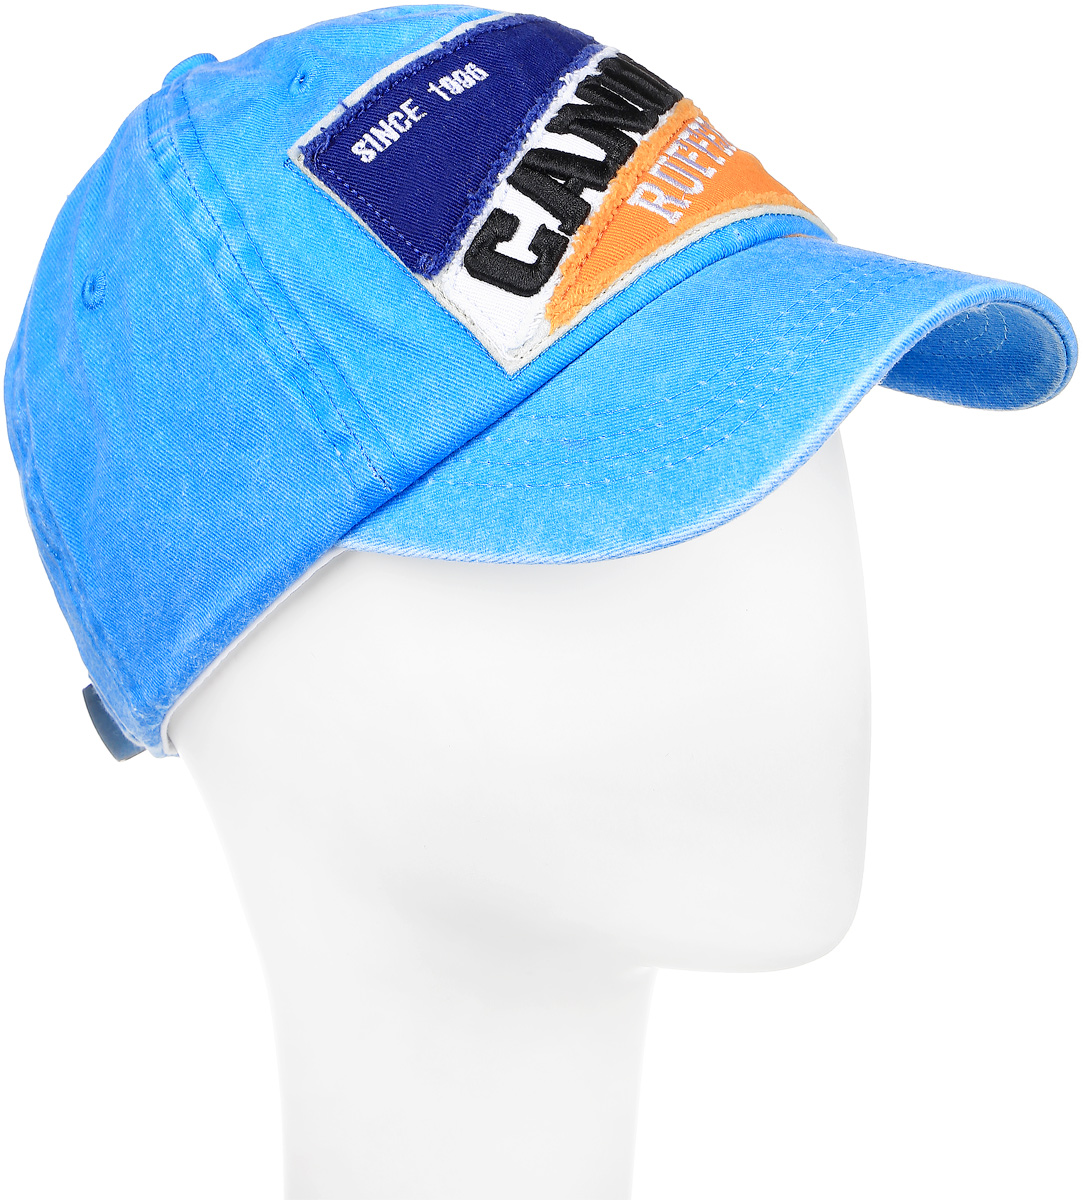 Бейсболка мужская Canoe Race, цвет: голубой. 1963484. Размер 581963484Классическая мужская бейсболка Canoe Race, изготовленная из 100% хлопка, идеально подойдет для активного отдыха и обеспечит надежную защиту головы от солнца. Бейсболка имеет перфорацию, обеспечивающую дополнительную вентиляцию. Спереди бейсболка декорирована двухцветной нашивкой с надписью Canoe Ruffers. Объем изделия регулируется благодаря ремешку с зажимом, оформленным вырубкой в виде листа. Такая бейсболка станет отличным аксессуаром для занятий спортом или дополнит ваш повседневный образ.